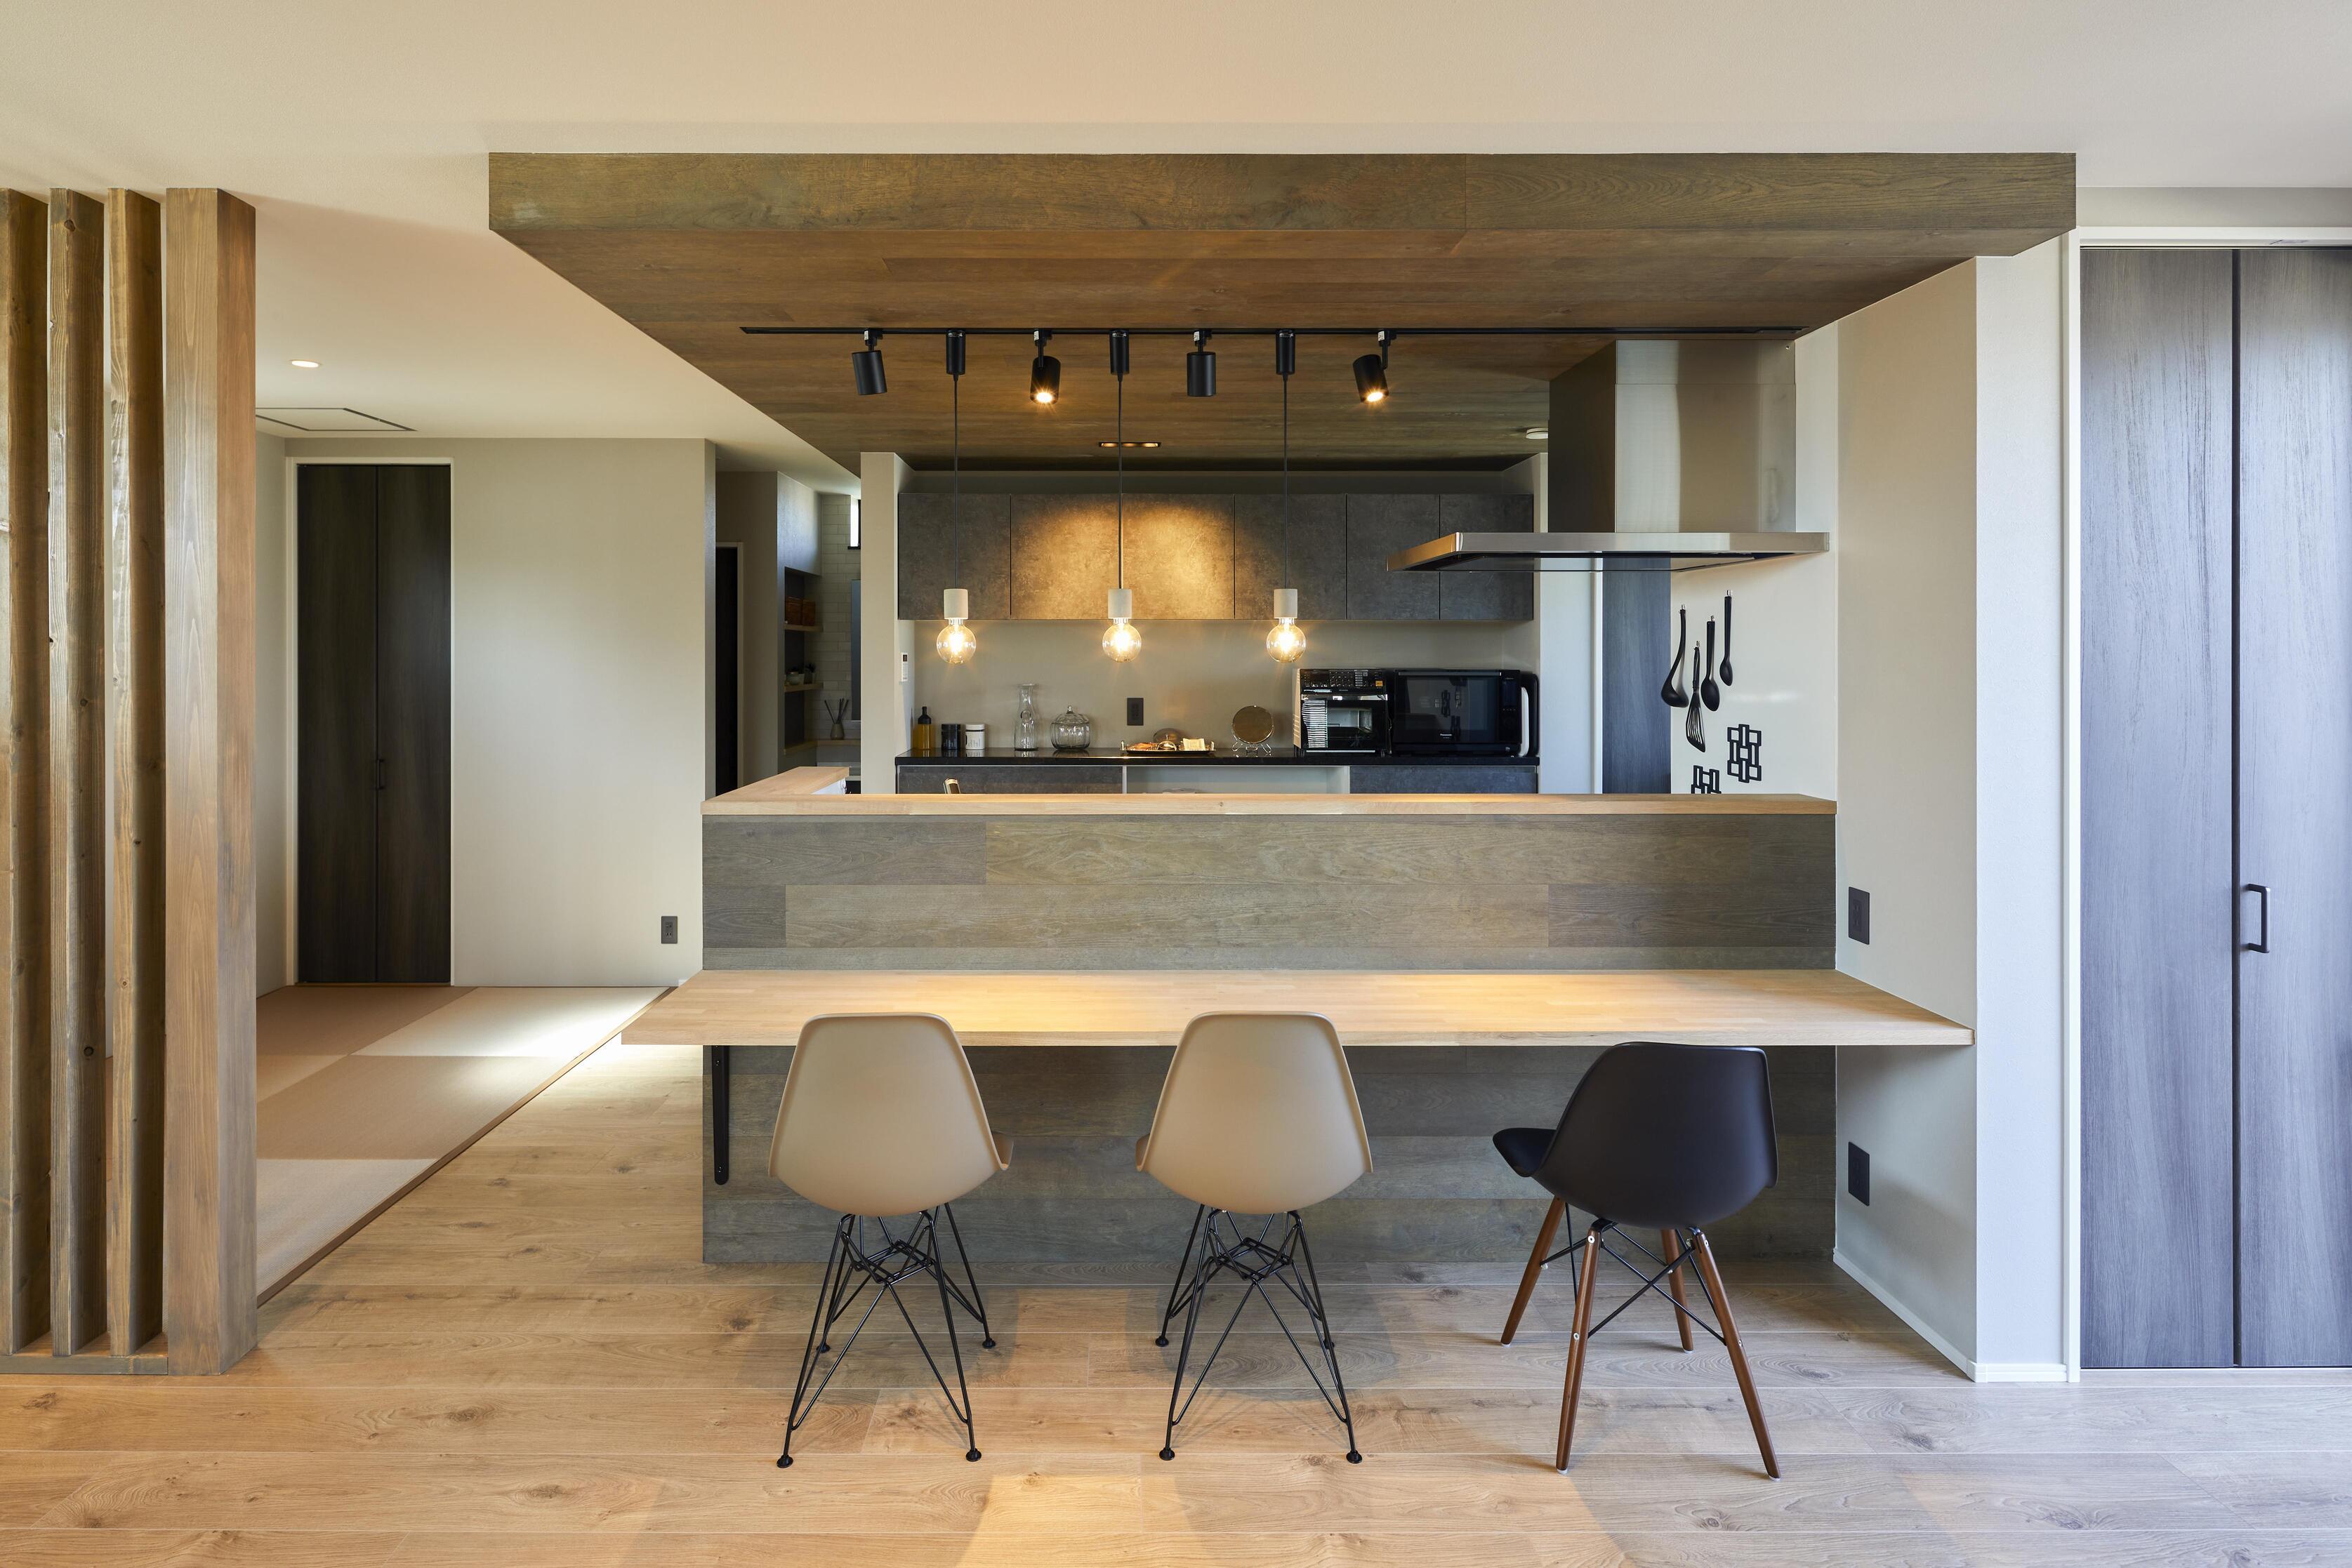 カウンターテーブルを採用することで、ダイニングスペースを省略でき、リビングスペースを開放的なものに